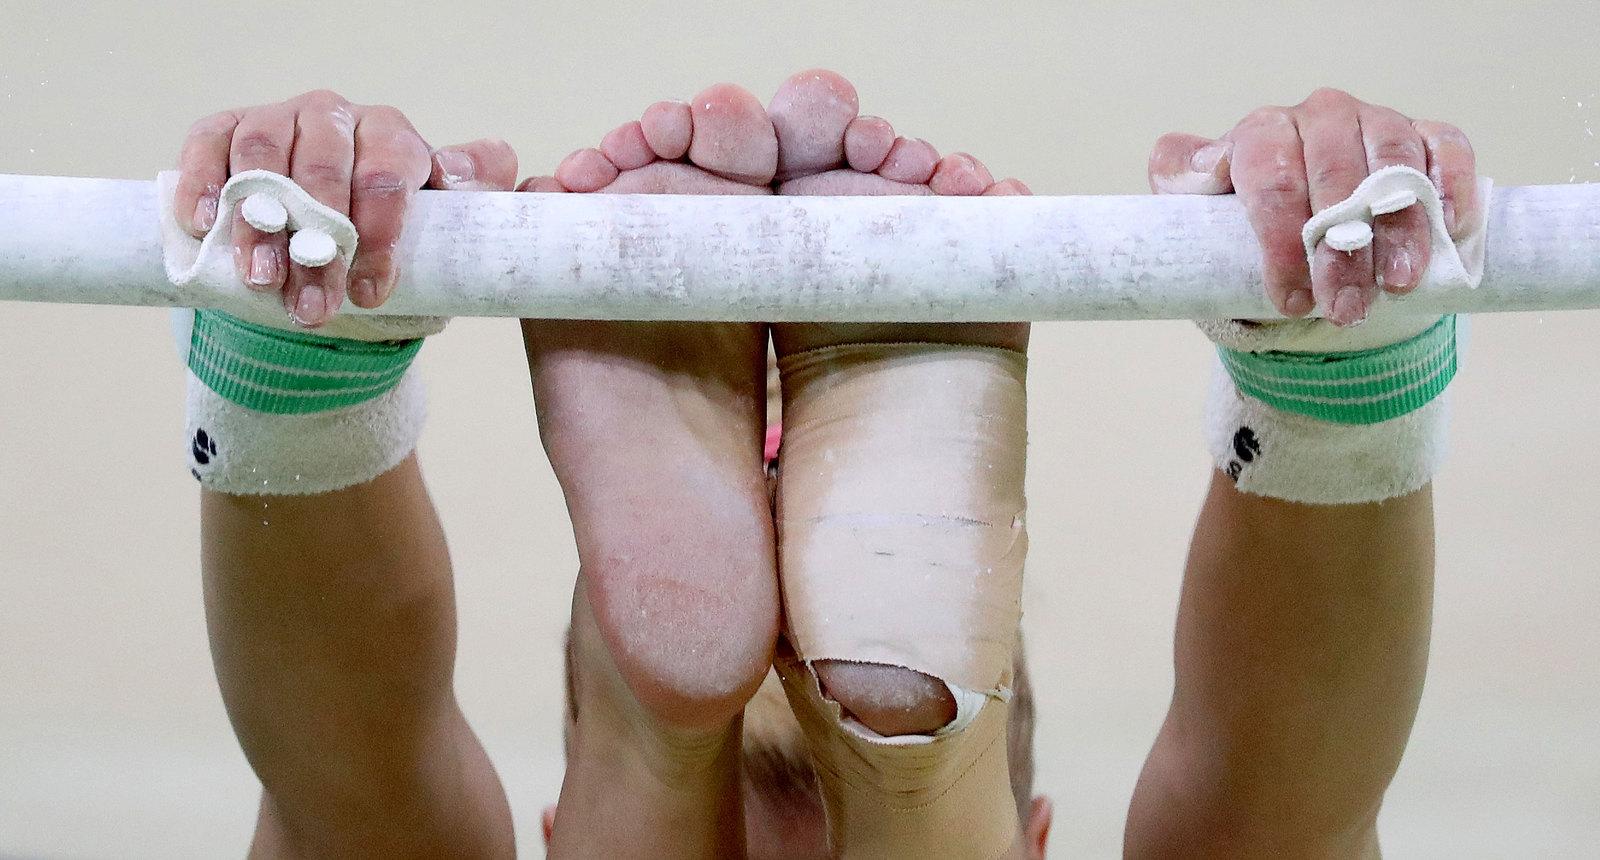 Путь к медалям у гимнастов тернист. Редкий спортсмен выступает без травм и растяжений